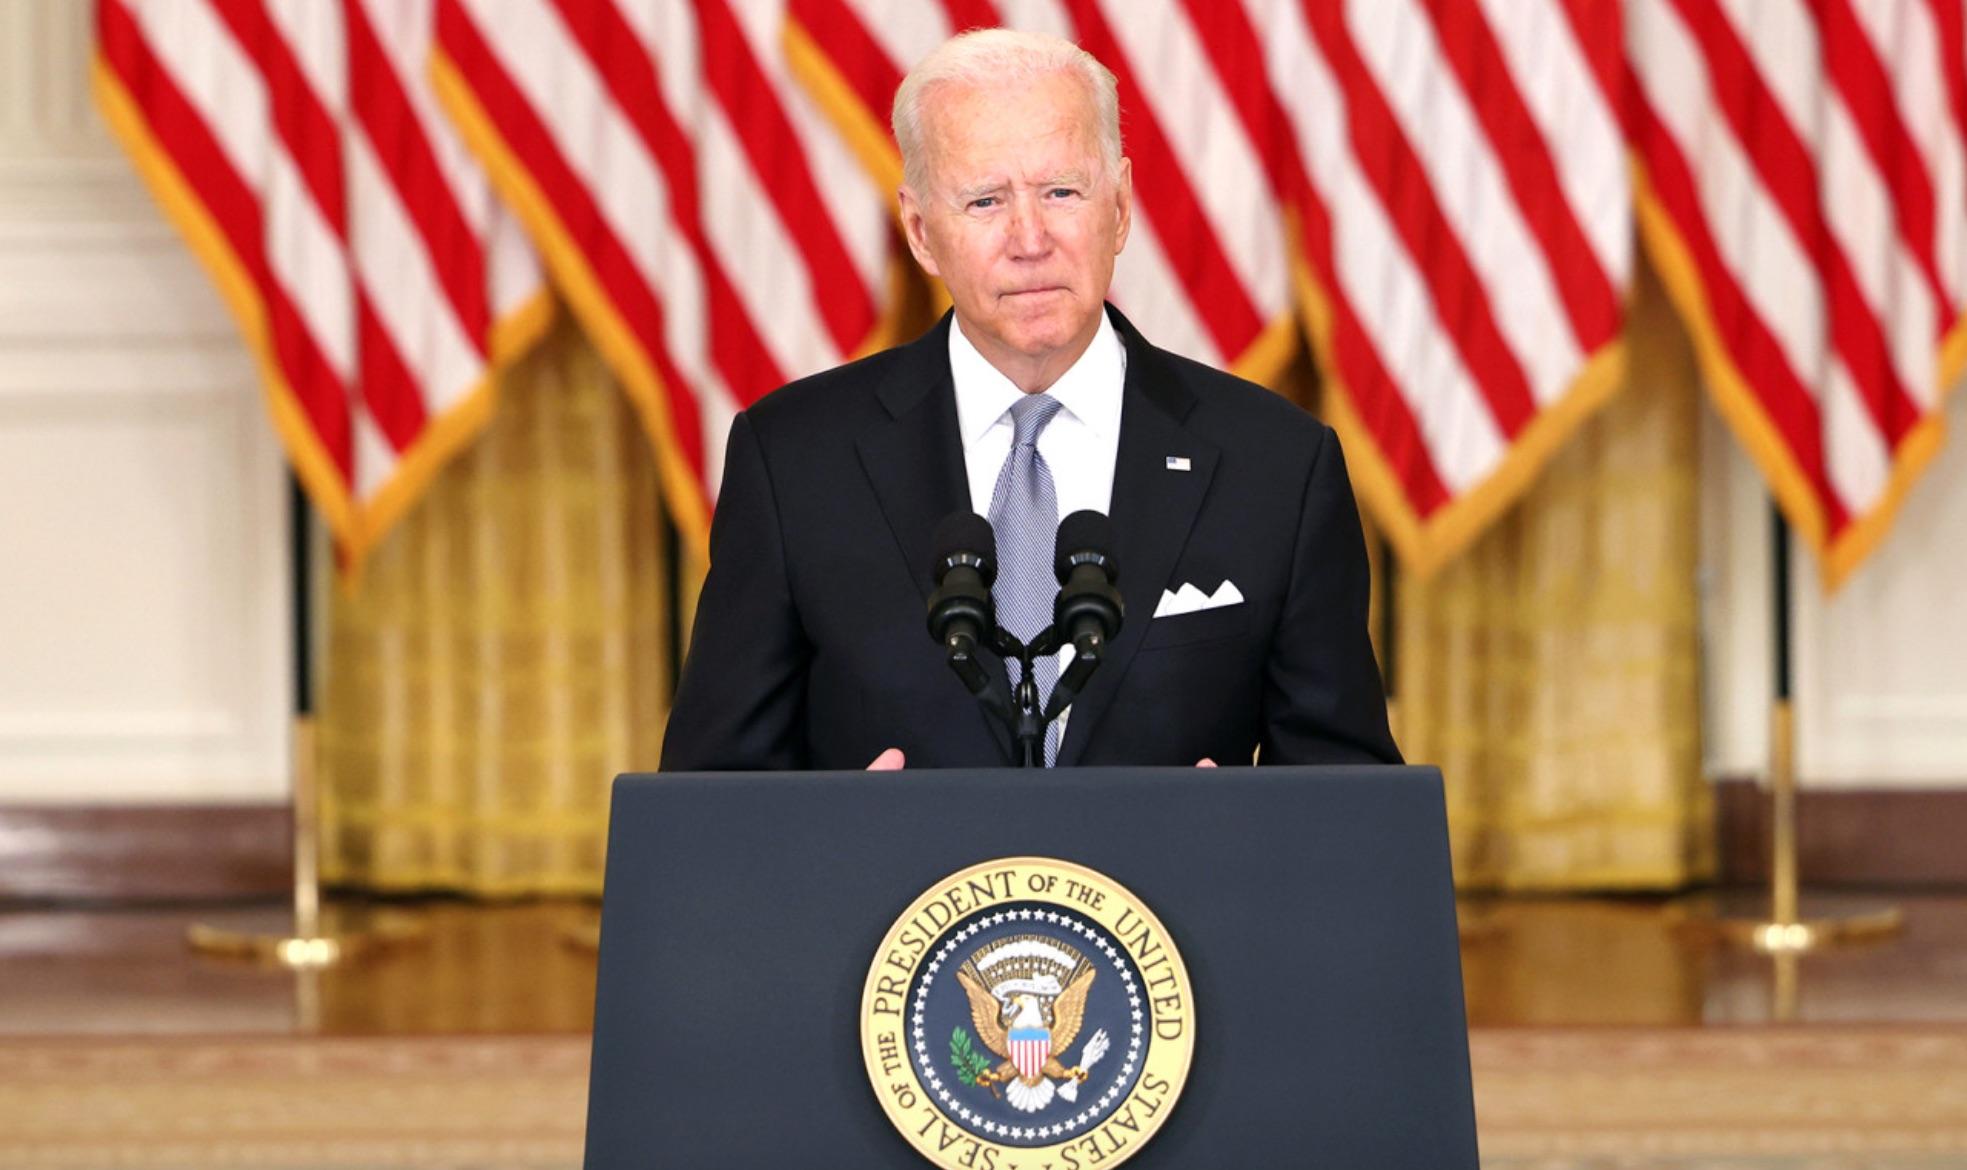 Le président Joe Biden lors de son allocution à propos du retrait des États-Unis de l'Afghanistan, le 1§ août 2021.